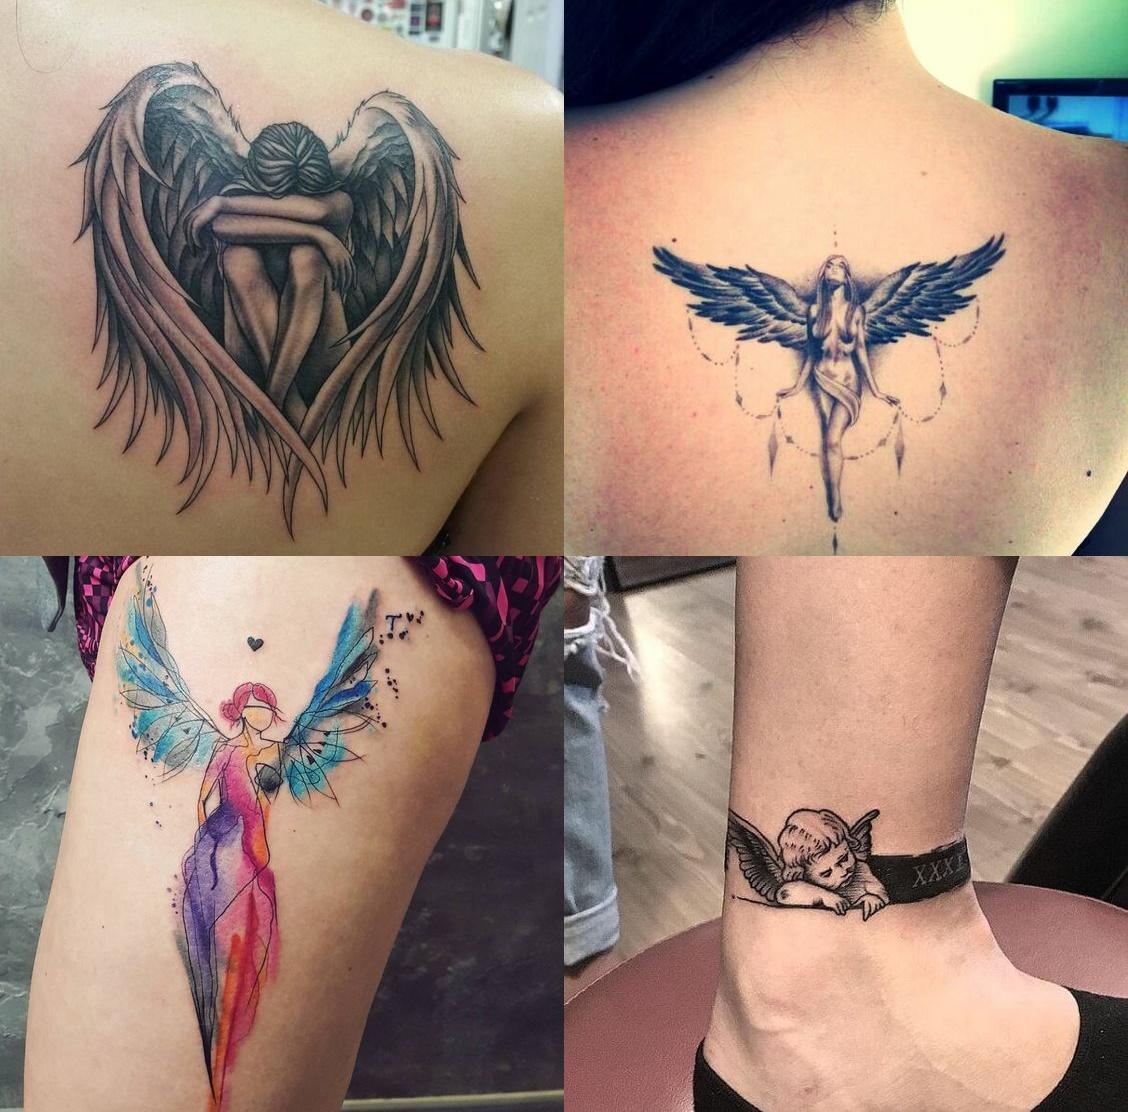 Tatuaż Anioł 22 Najpiękniejsze Wzory Tatuaży Z Aniołami